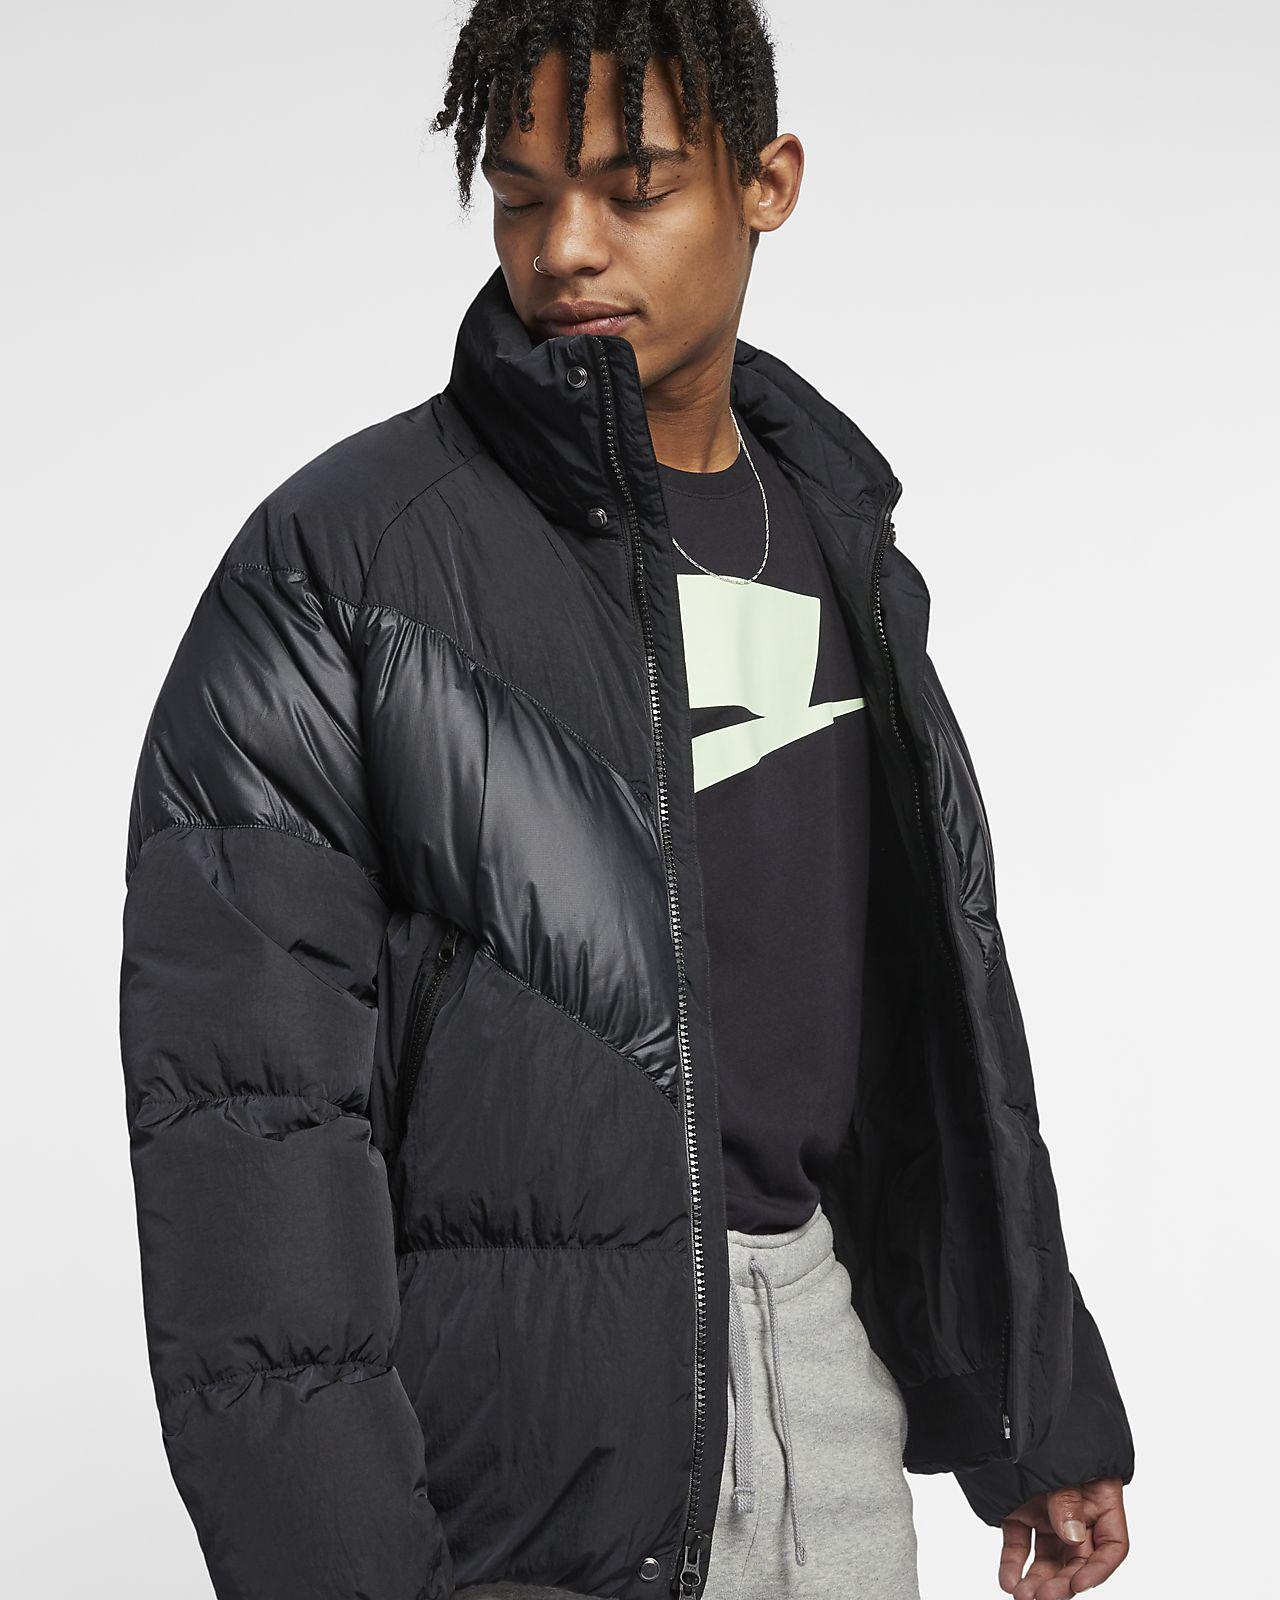 ea1de68b4f1f Nike Sportswear Down-Fill Men s Jacket. Nike.com GB